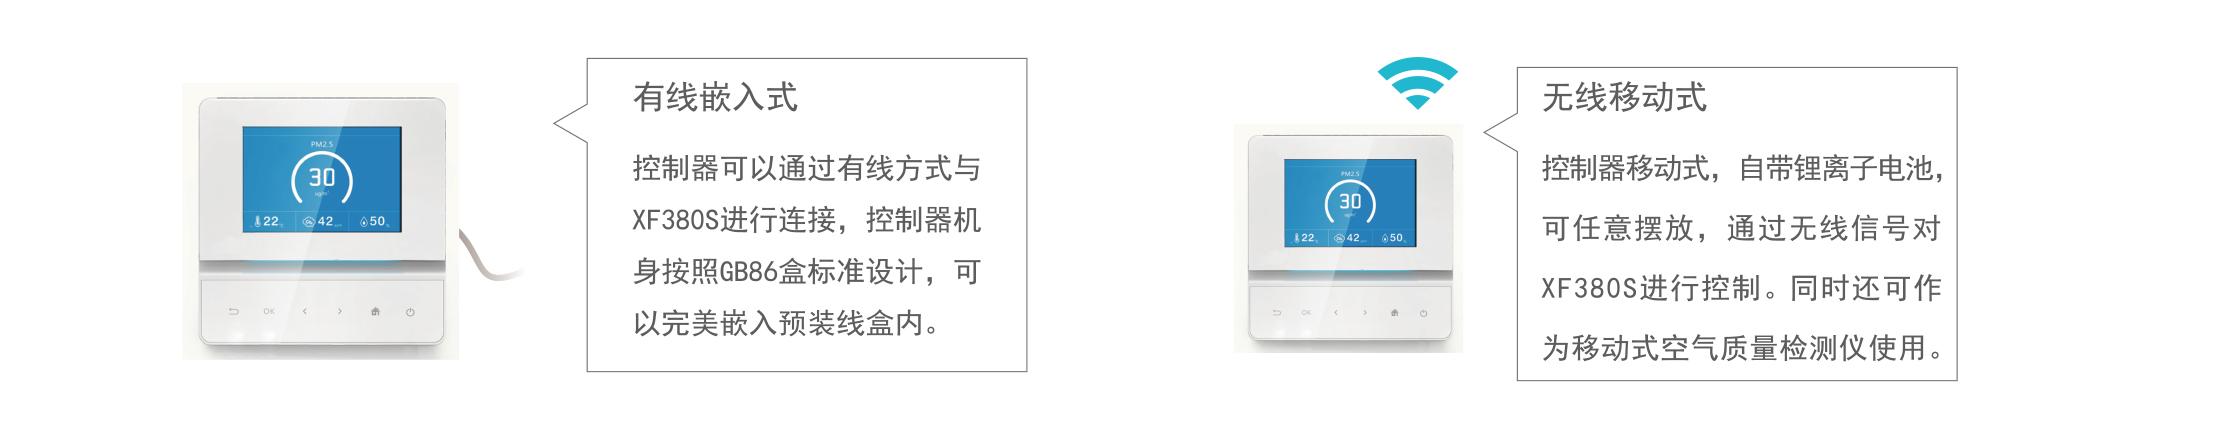 贝艾尔产品手册-9.jpg